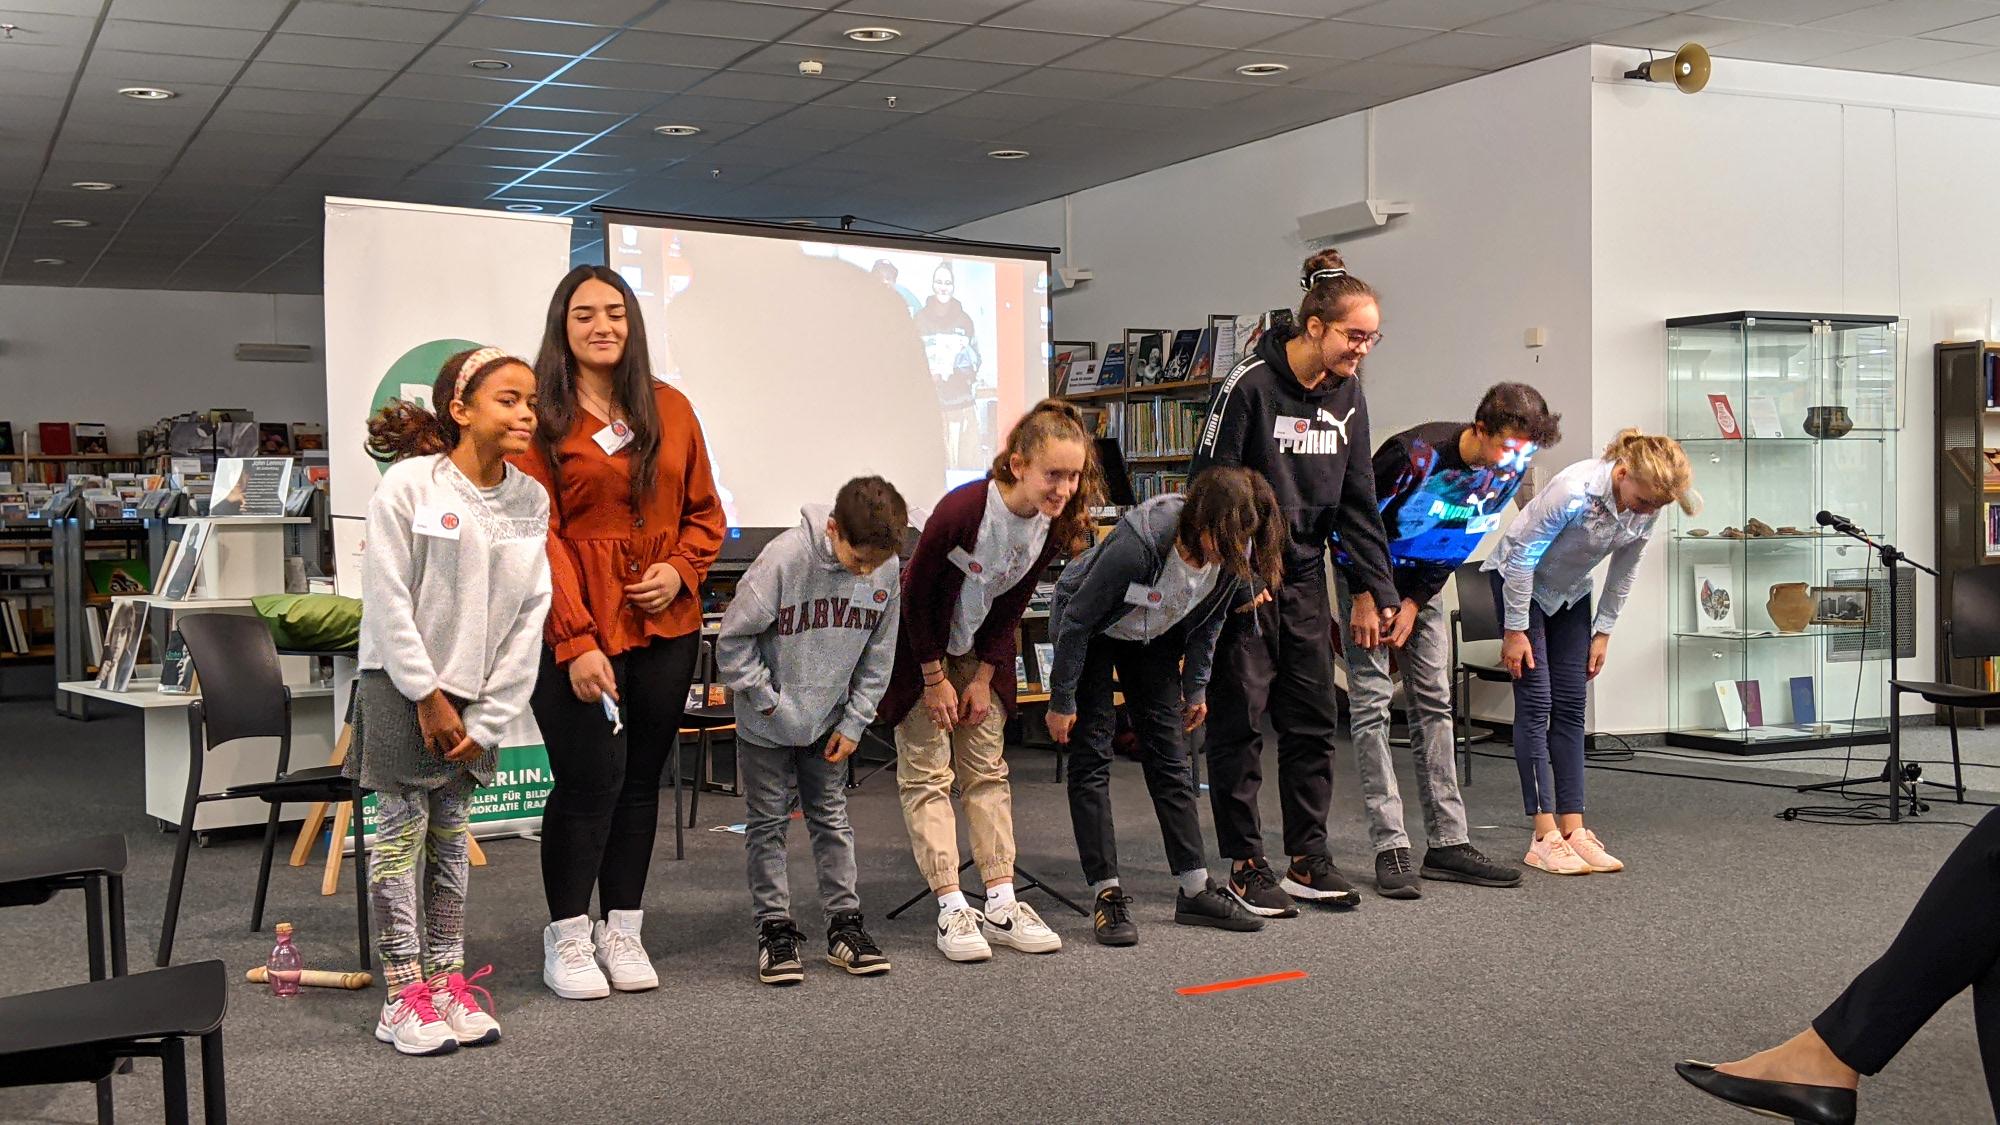 Die Jugendlichen verbeugen sich nach der Lesung auf der Bühne.